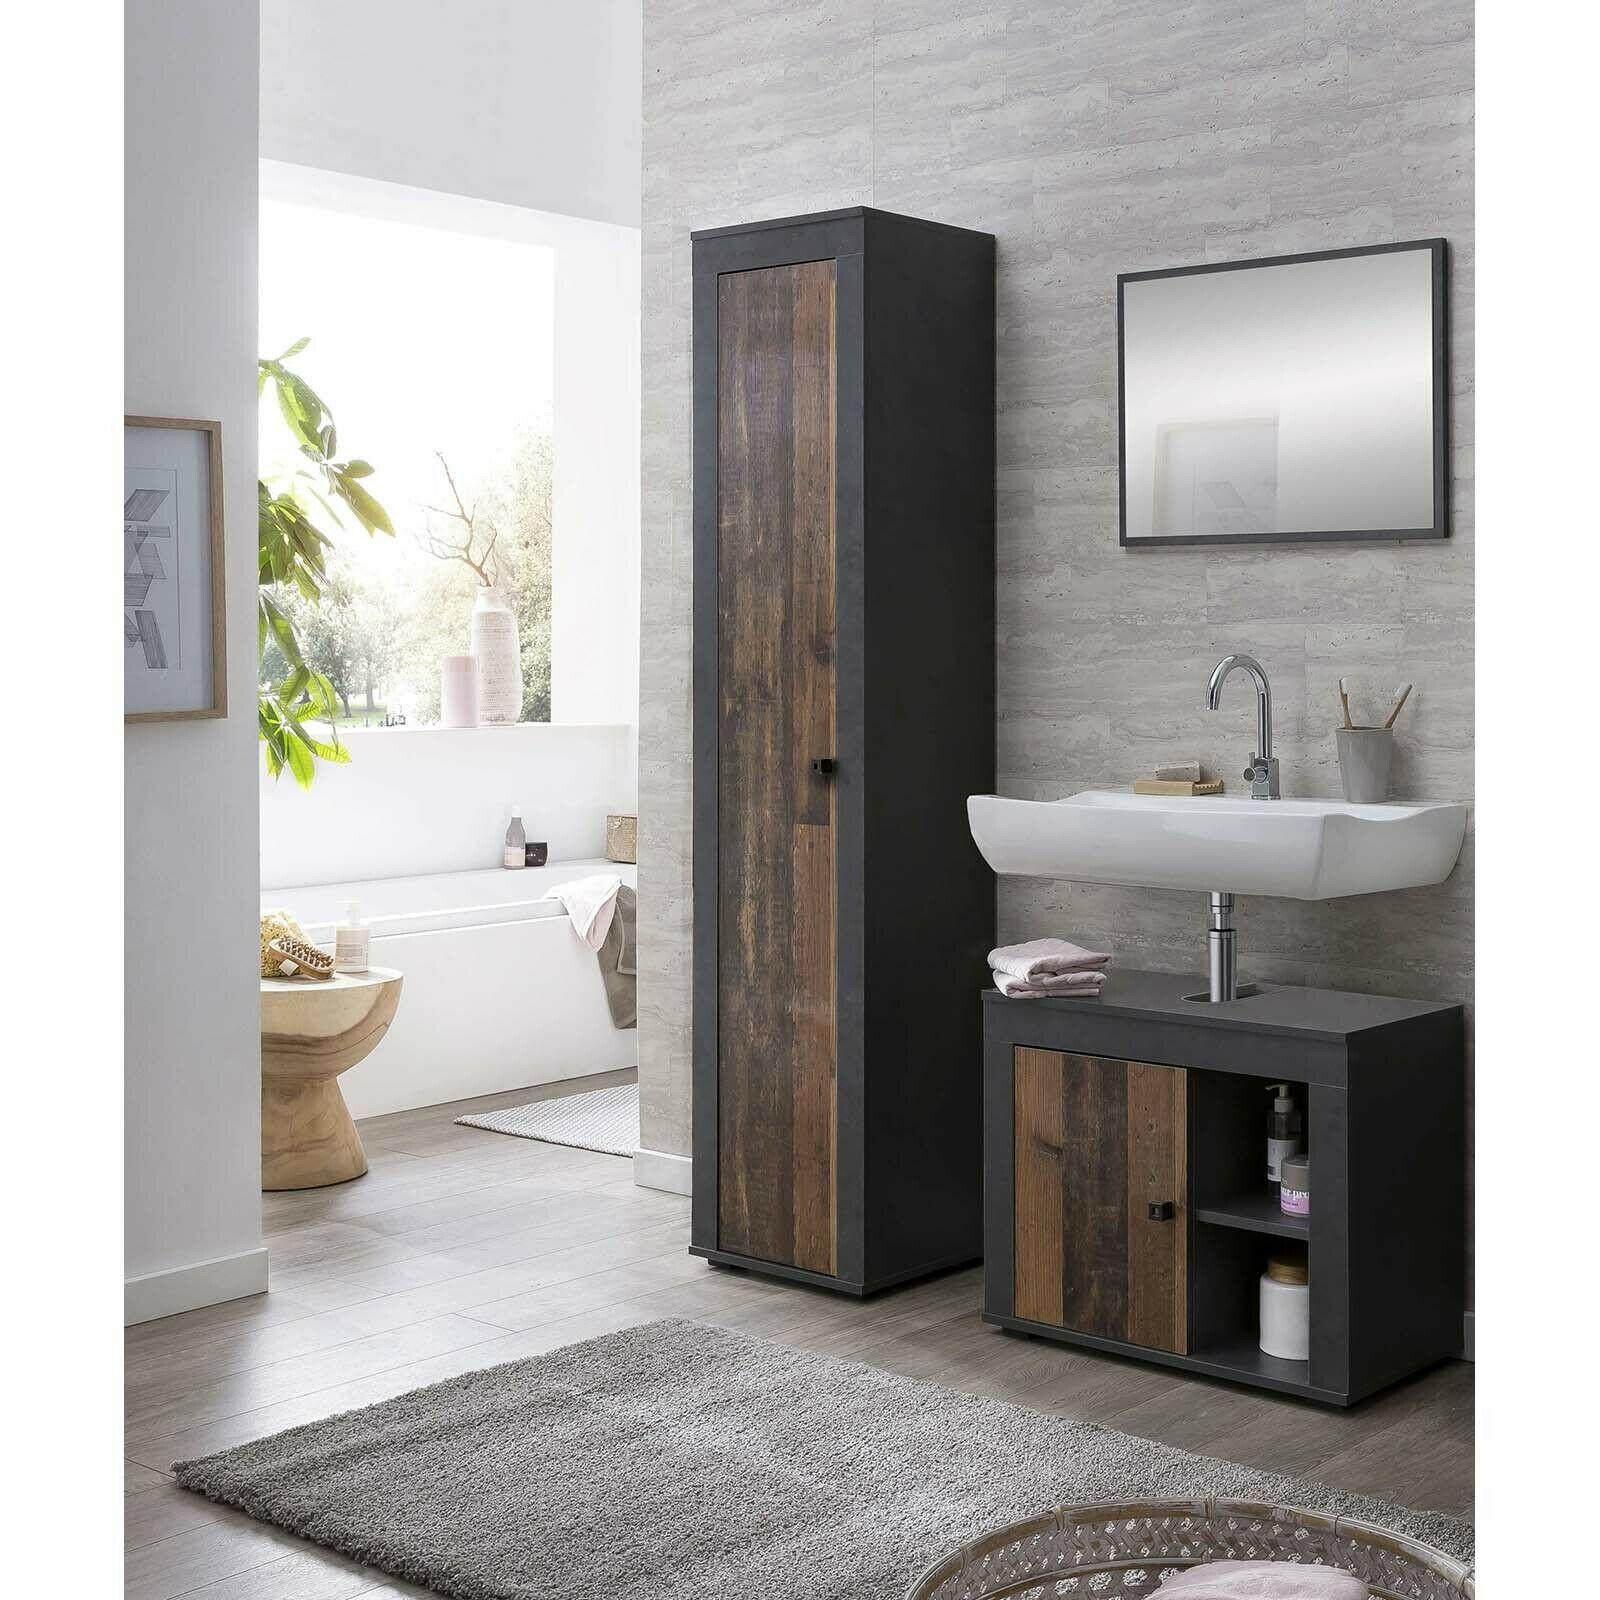 Badezimmer Mobel Set Spiegel Hochschrank Unterschrank Bad Graphit Old Style 3tlg In 2020 Unterschrank Bad Badezimmer Mobel Waschbeckenunterschrank